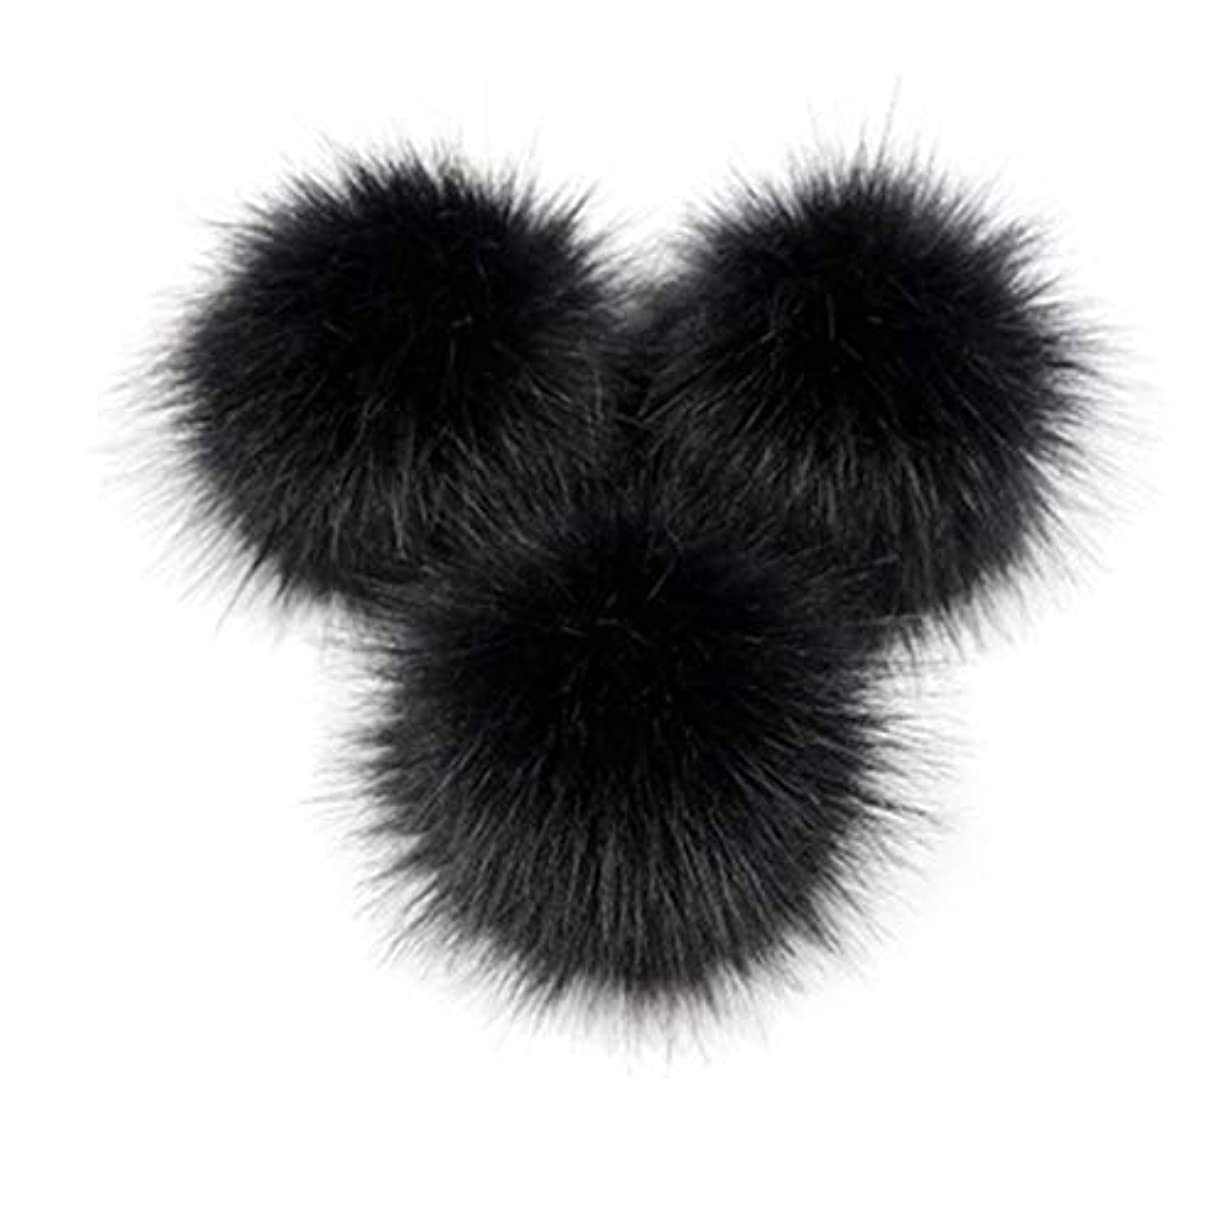 保護わずかに雇うKongqiabonaかわいいキツネの毛皮のポンポン取り外し可能な毛皮ふわふわボブルボールでプレスボタン用diy帽子キャップバッグ服靴の装飾